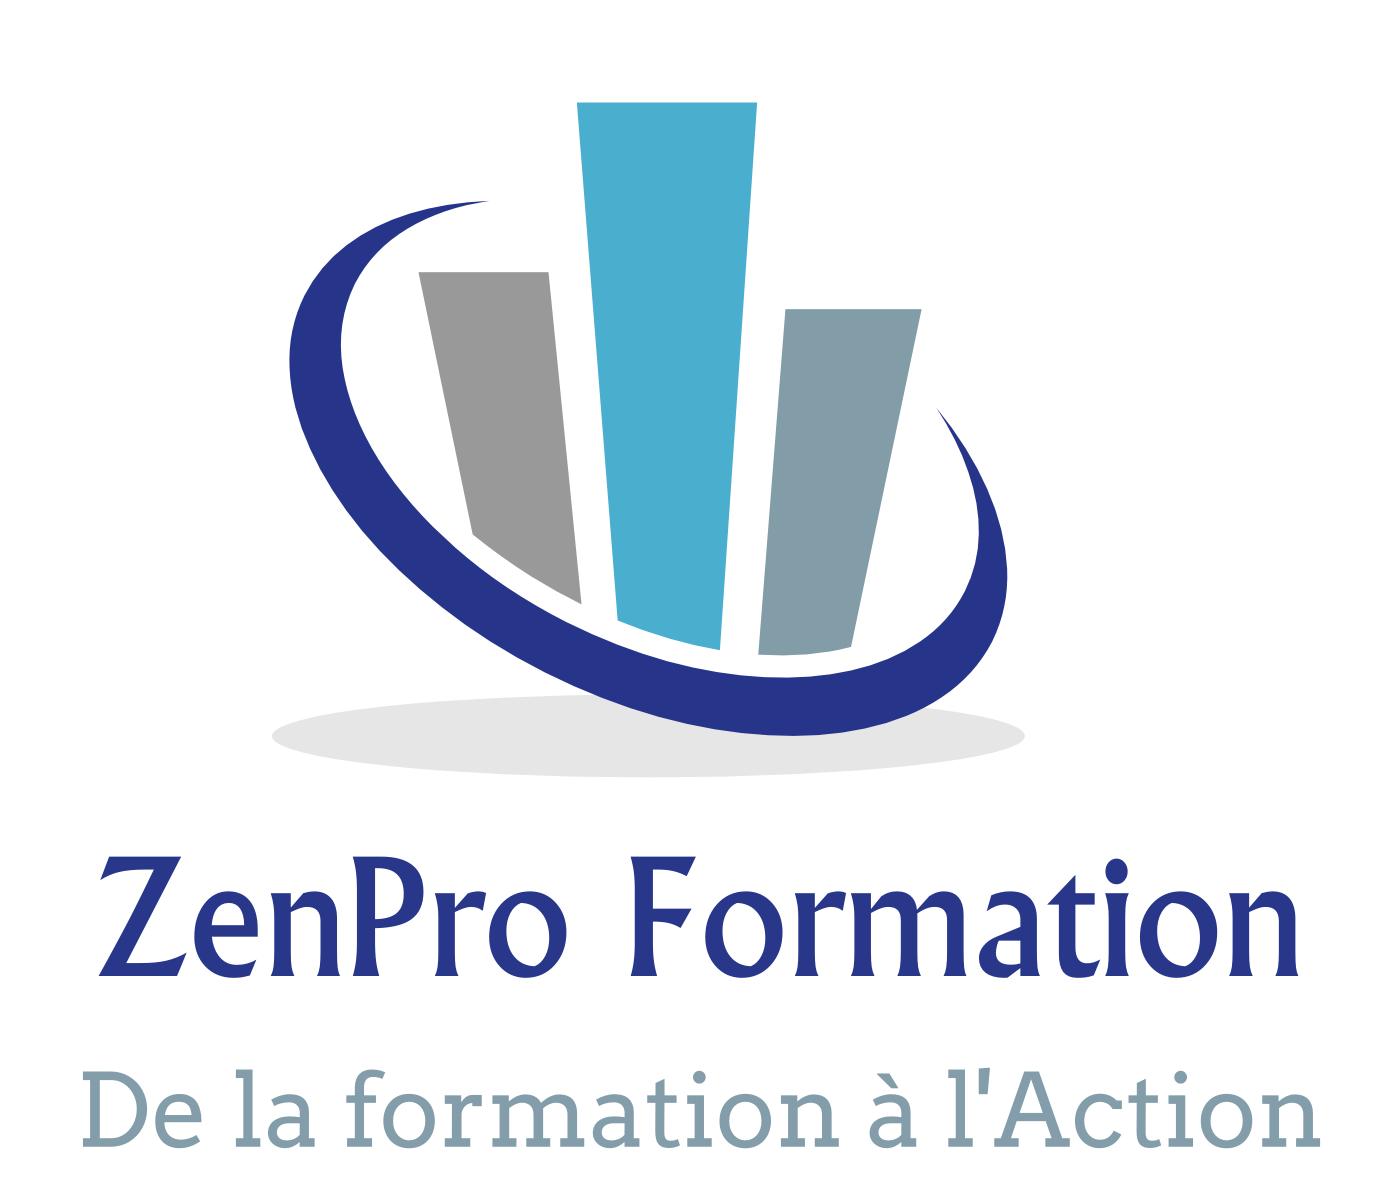 Team ZenPro